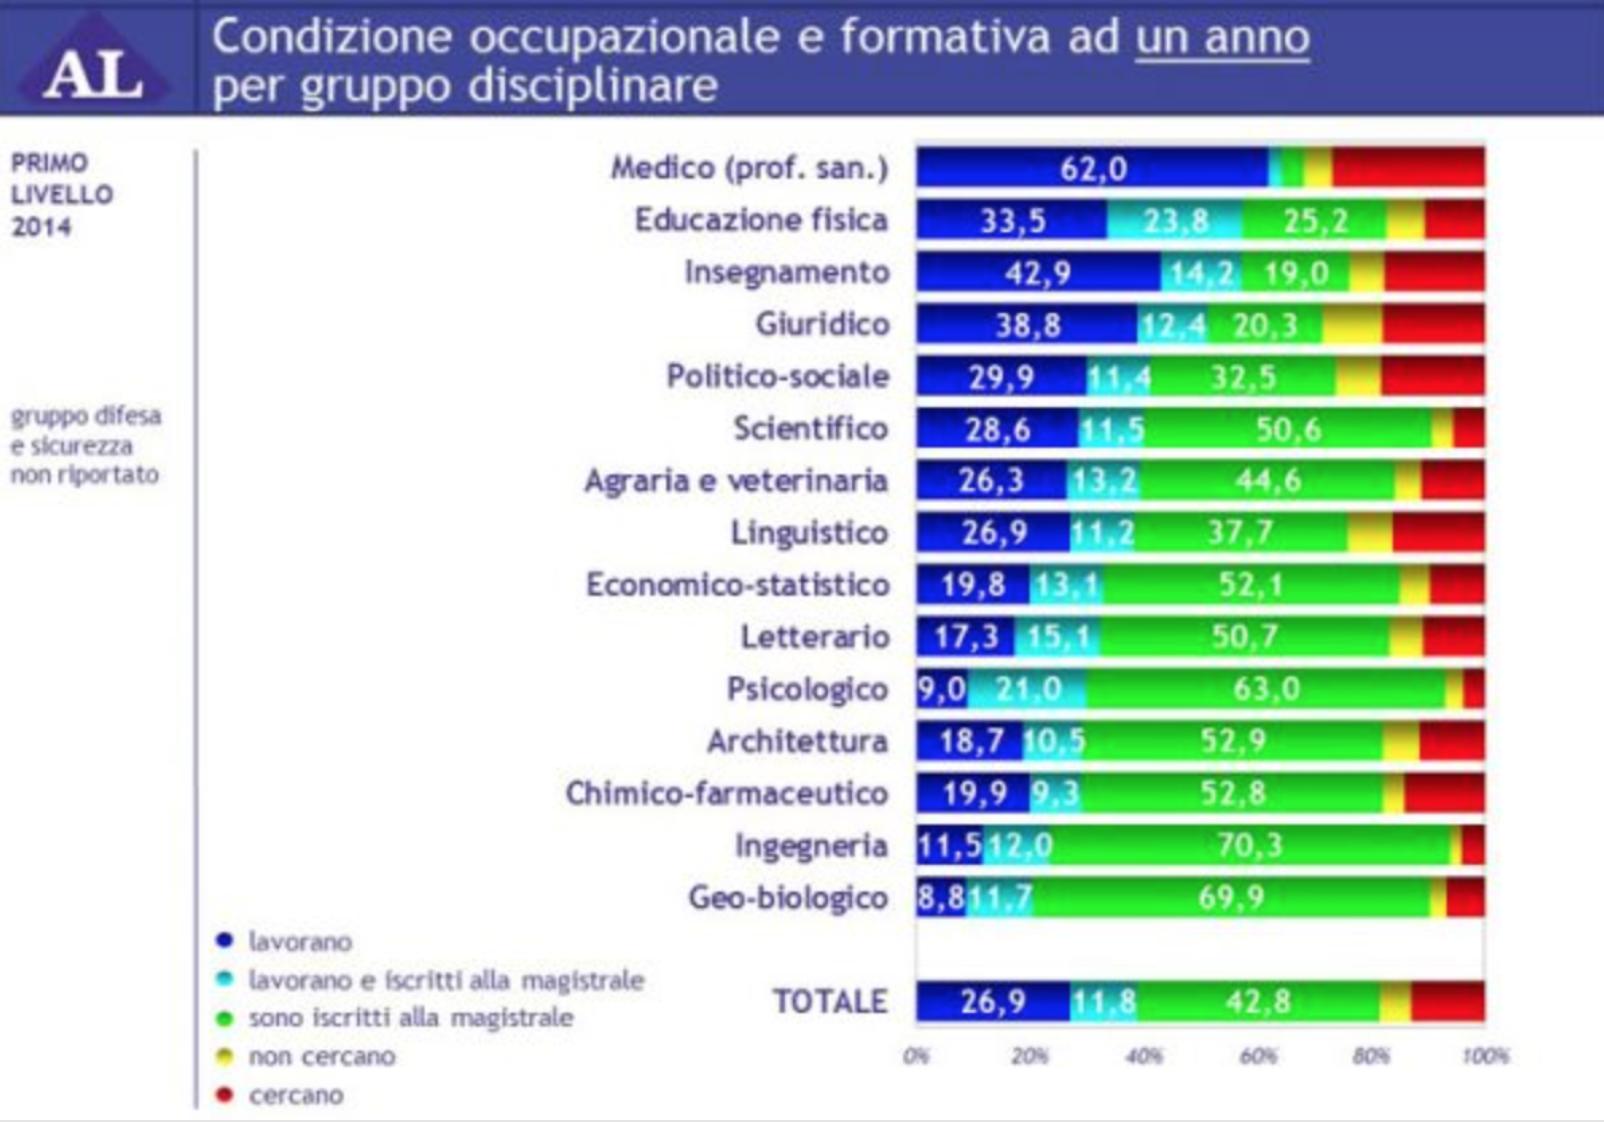 Mondo lavorativo: classifica delle lauree migliori